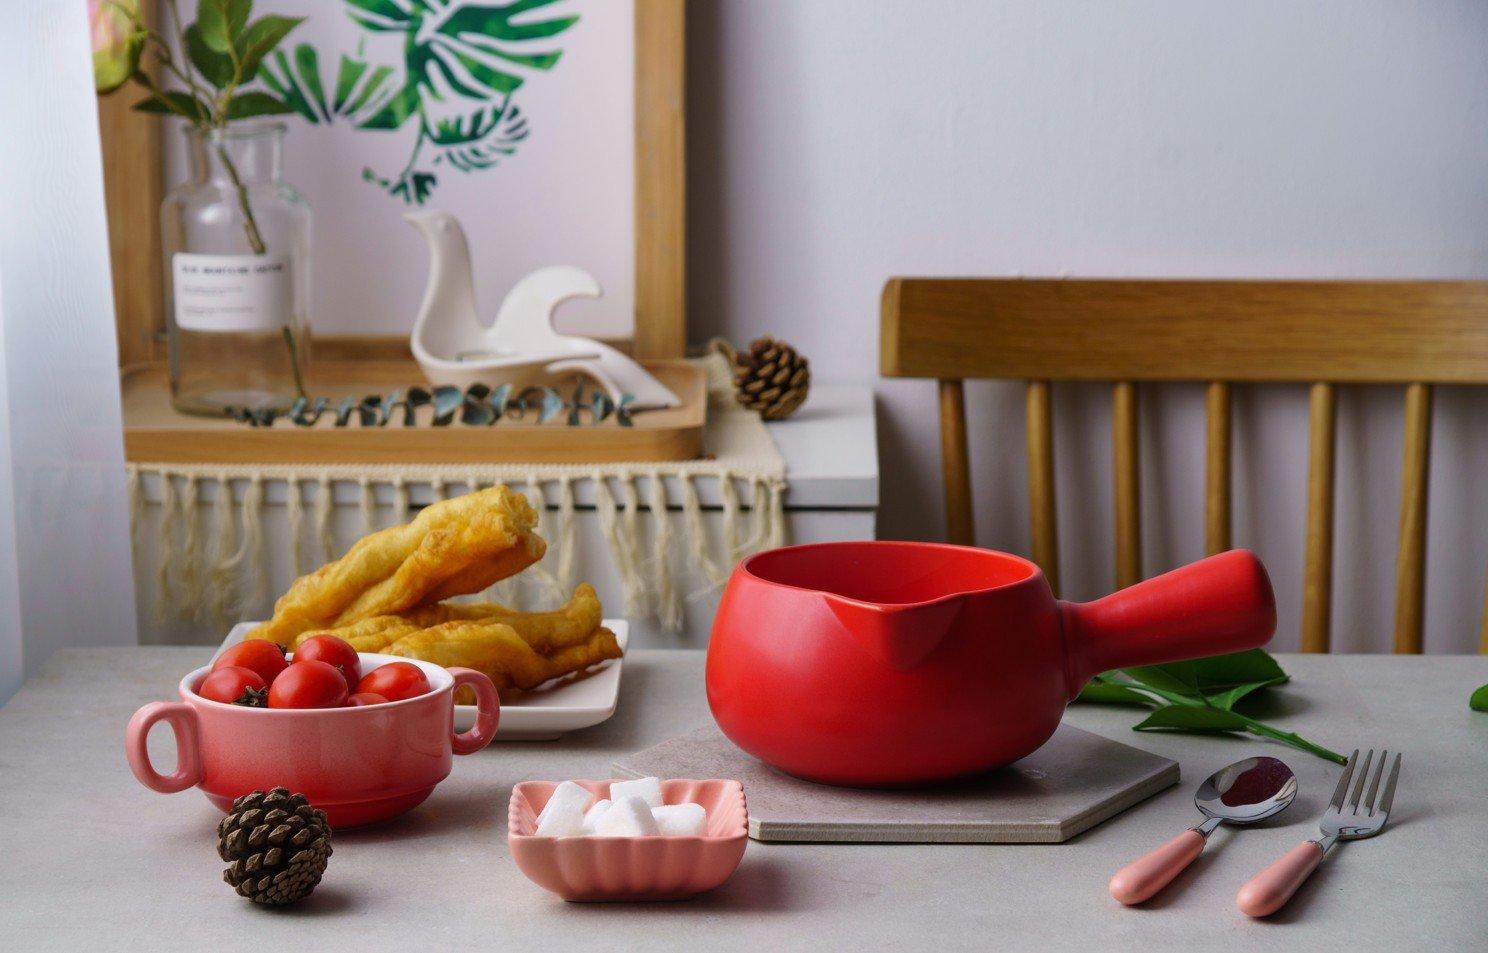 Leermart Ceramic Warmer Milk Butter Mini Saucepan Cookware Kitchen Cookware Pot(500ml) (red)